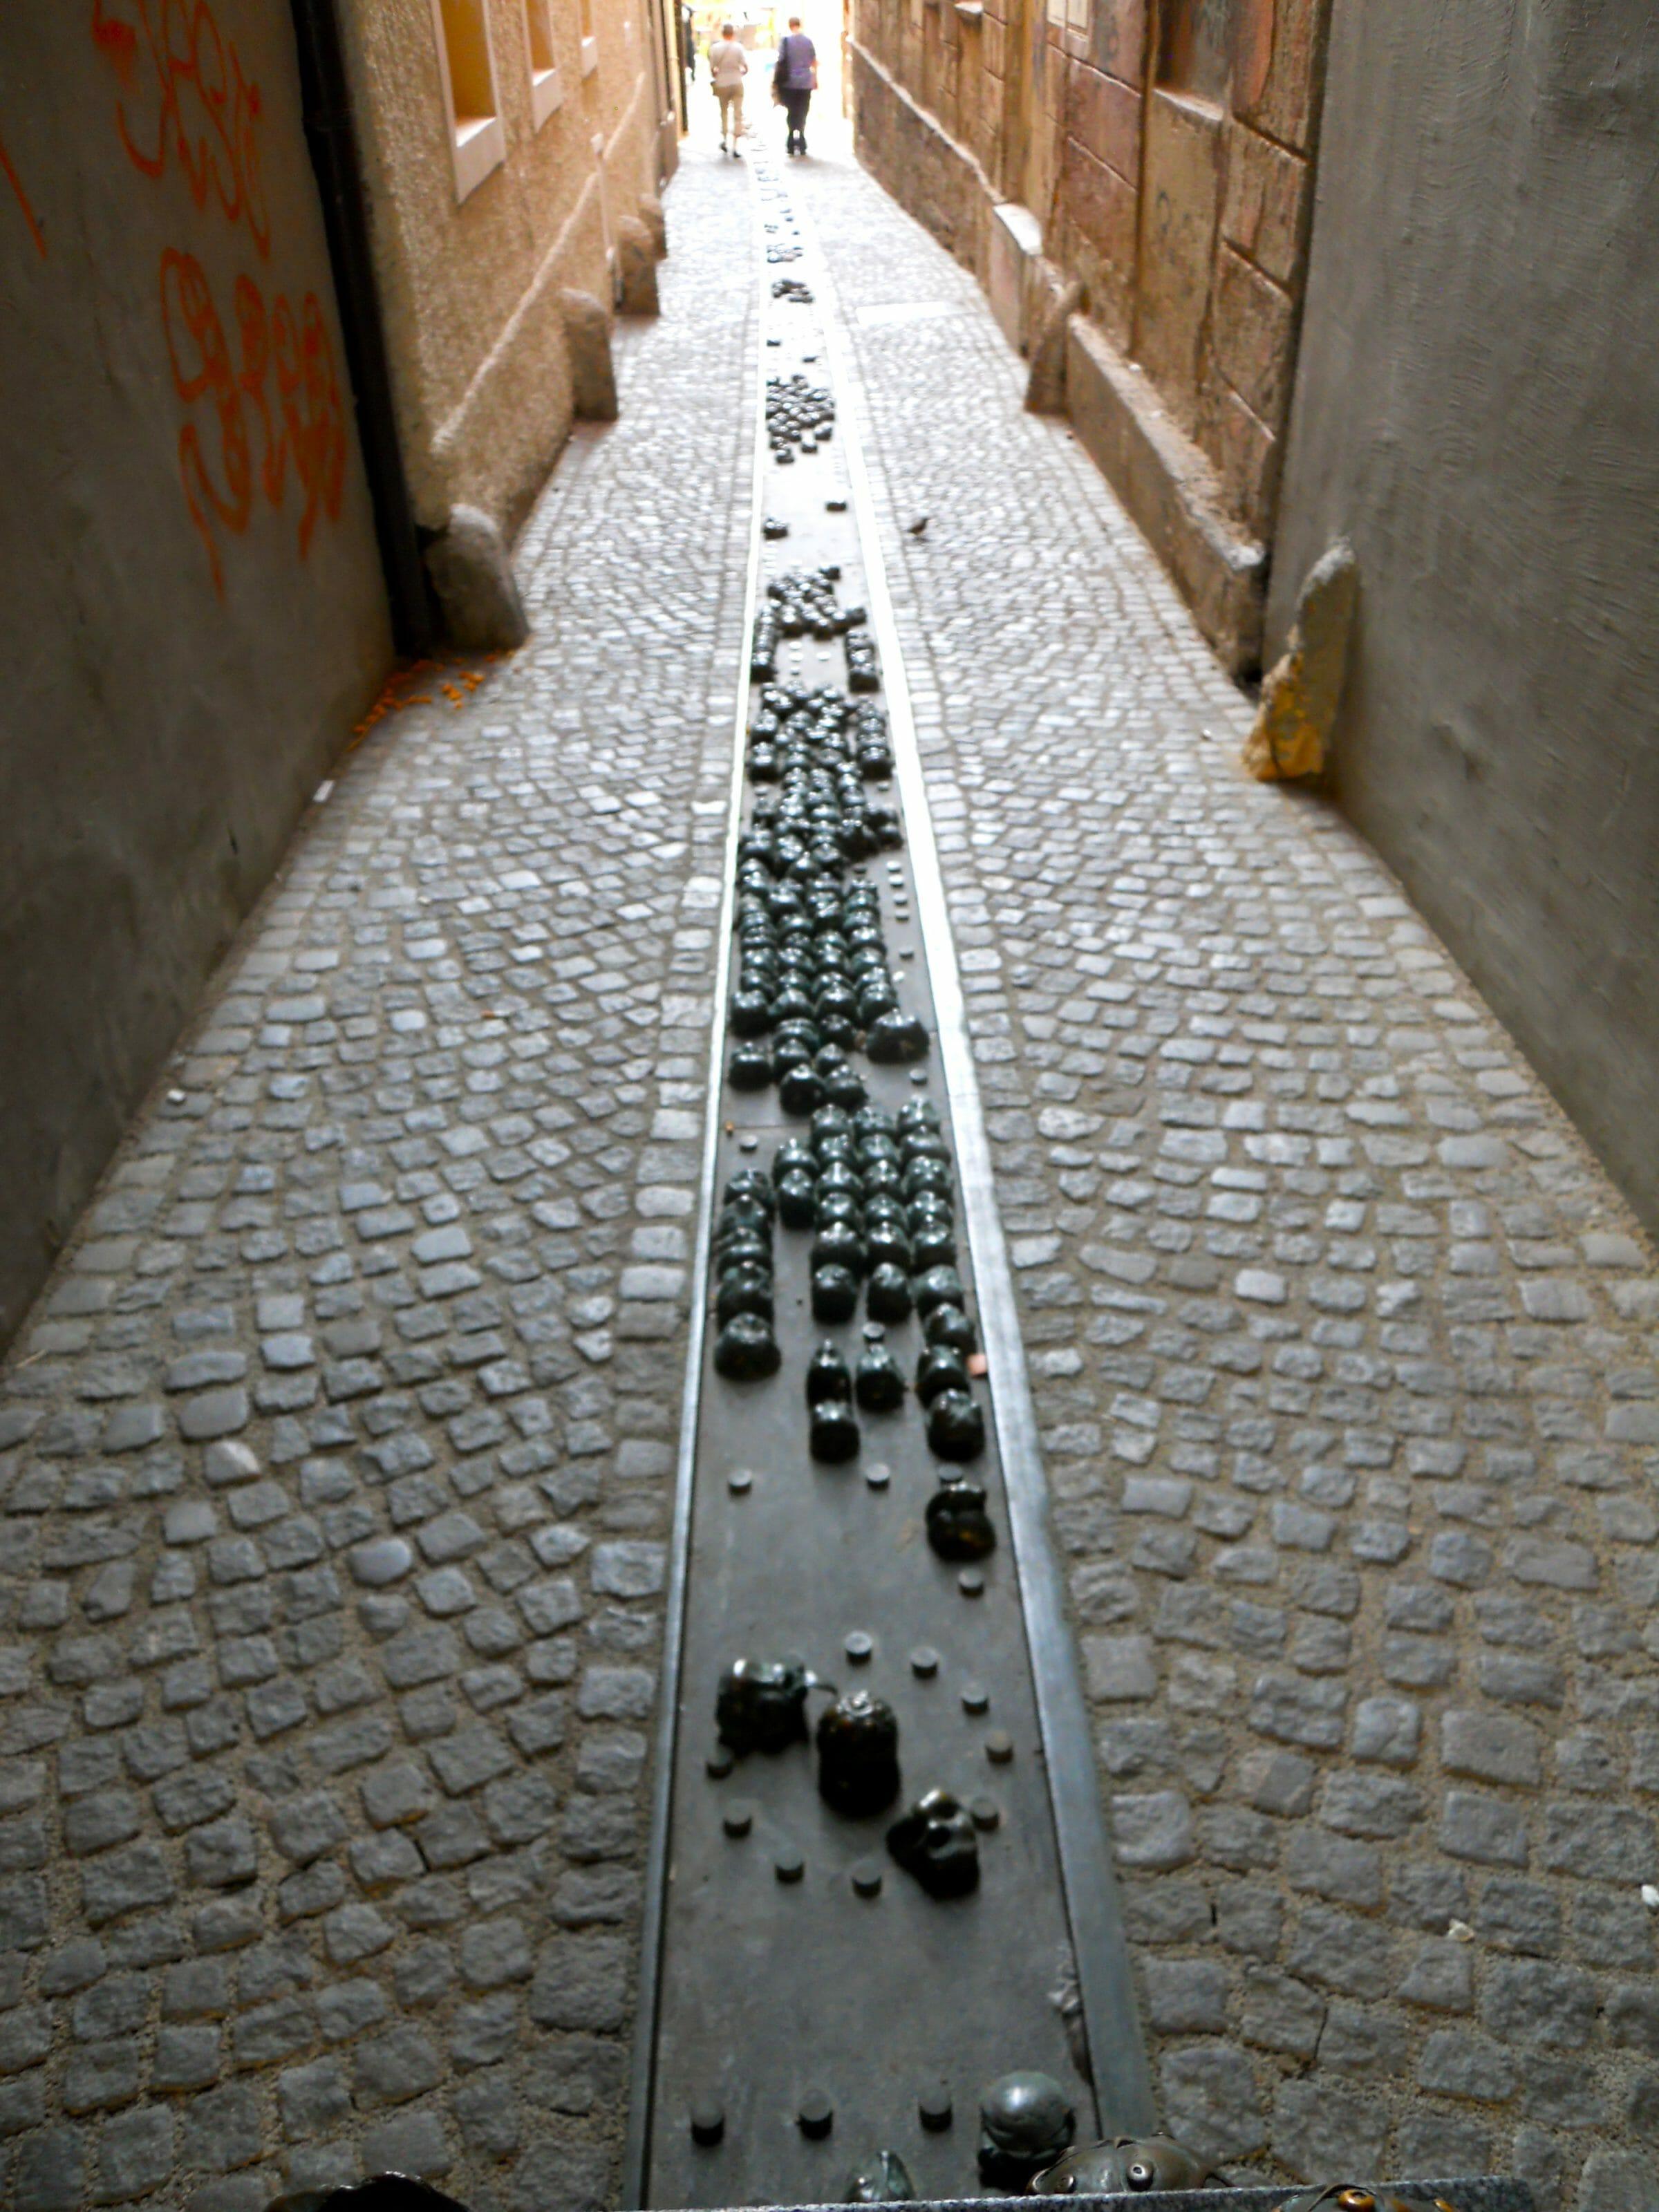 rue des têtes ljubljana